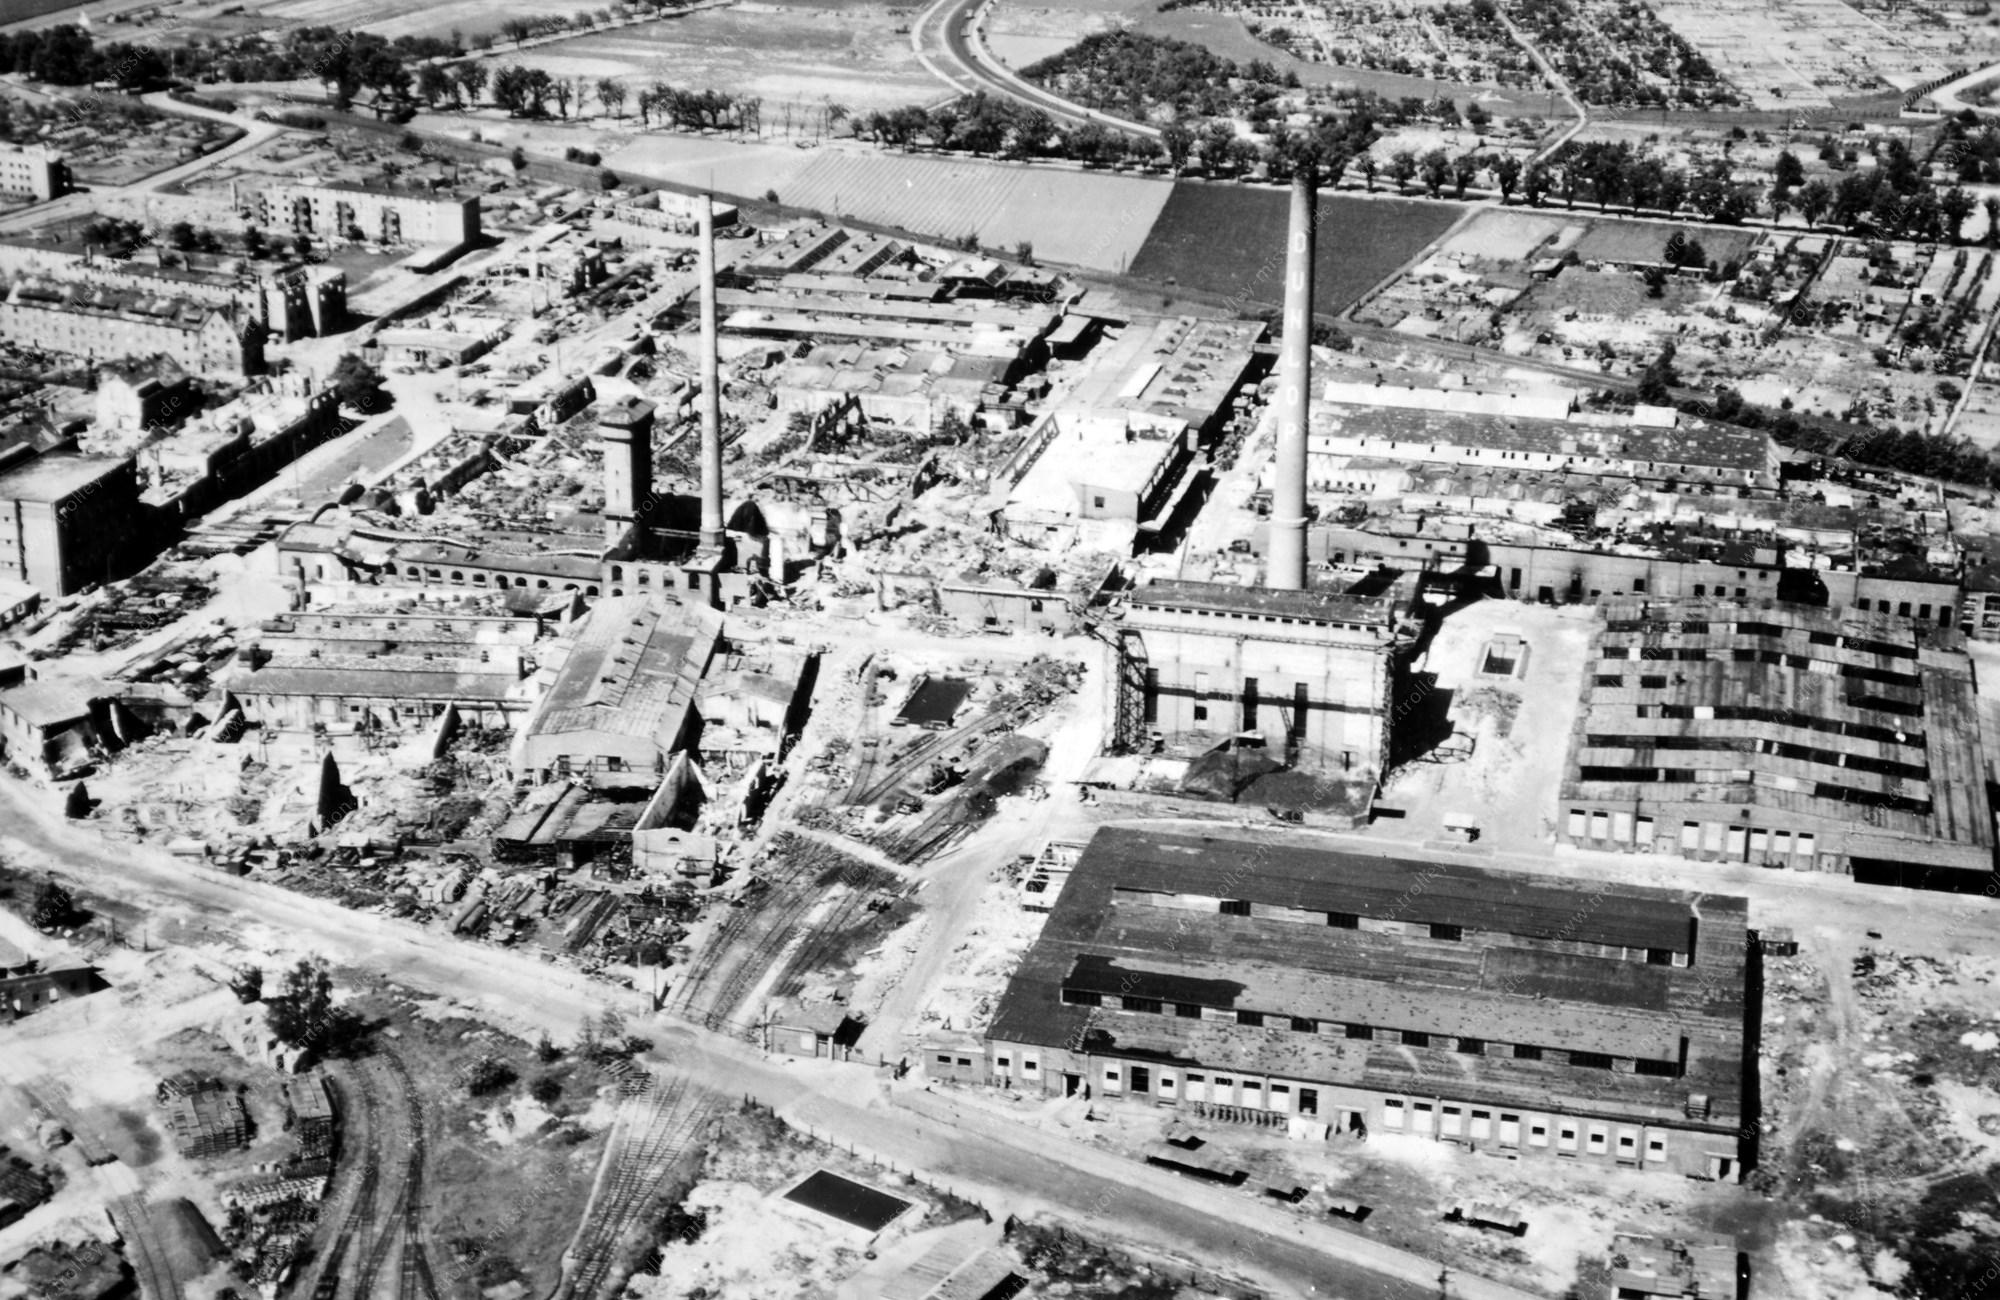 Goodyear Dunlop Tires Germany: Luftbild der im Zweiten Weltkrieg zerstörten Reifenfabrik in Hanau